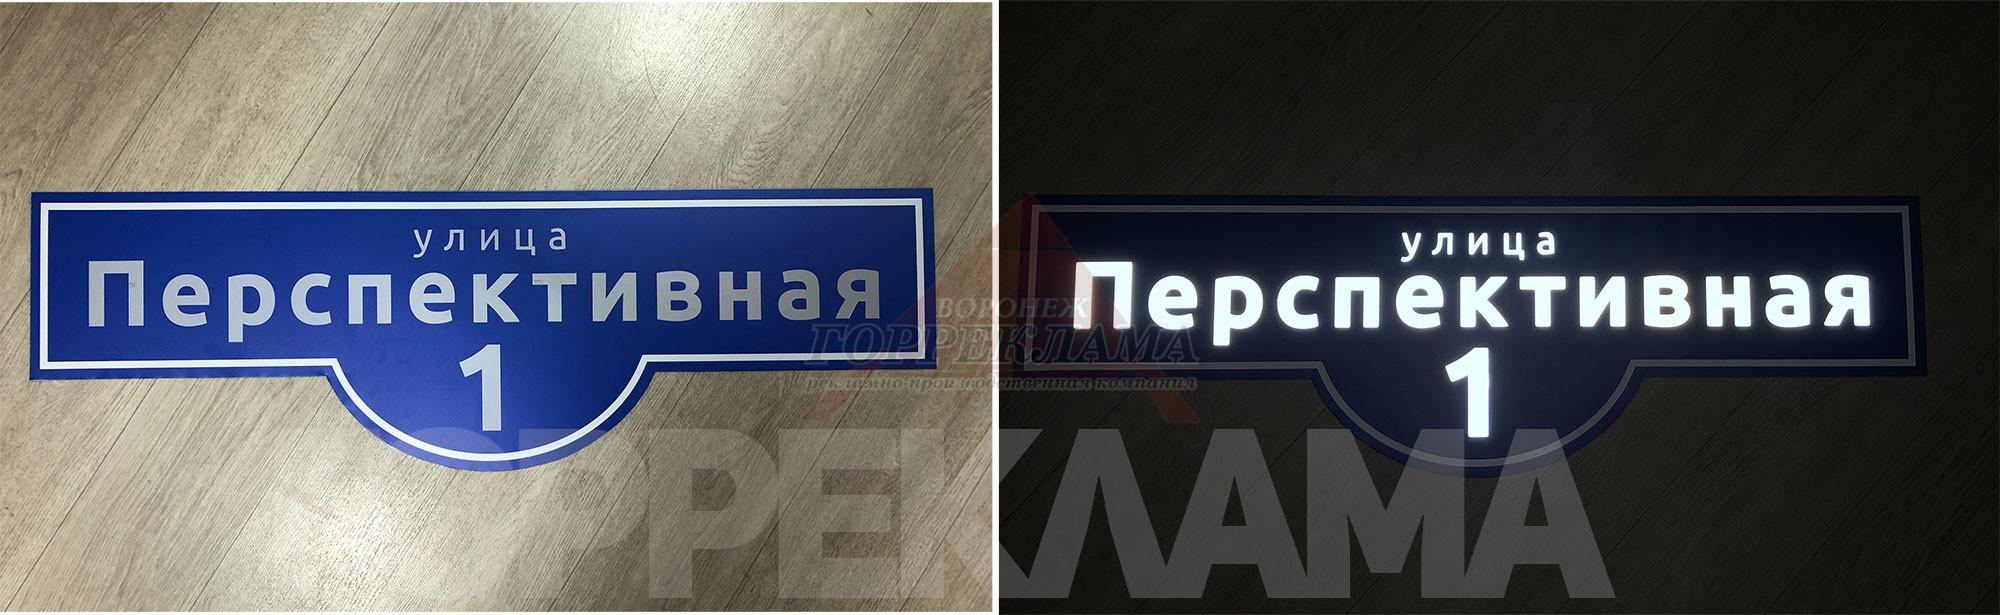 световозвращающие-домовые-таблички-в-Воронеже